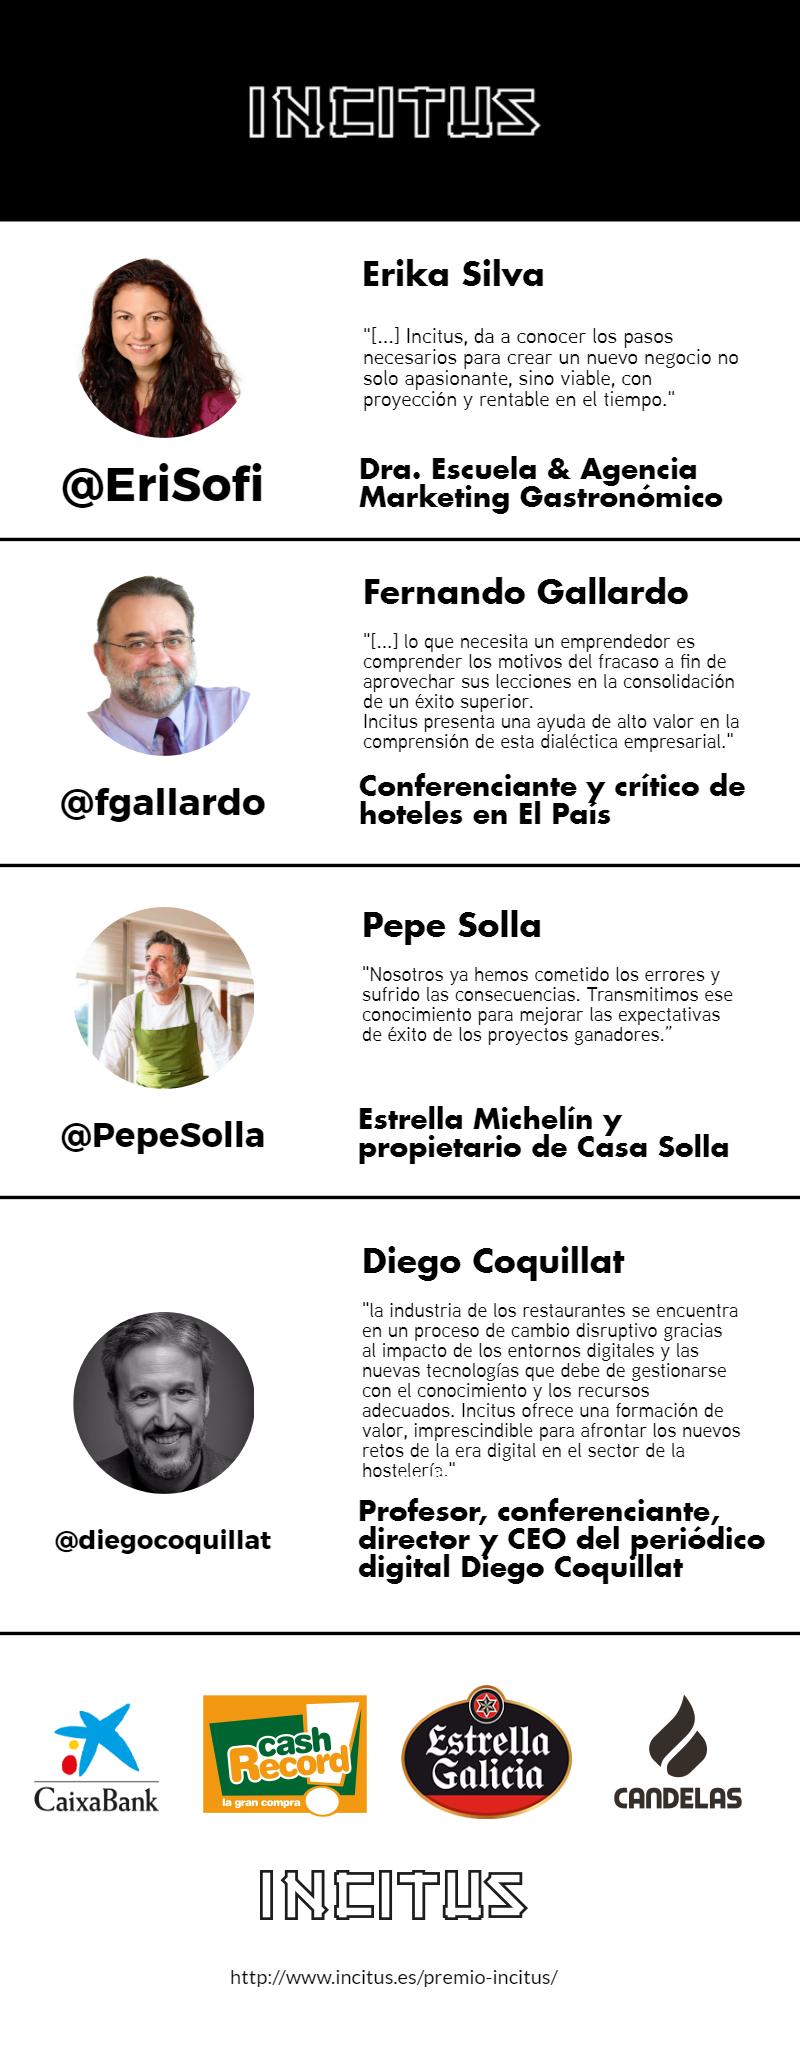 INFOGRAFÍA - Razones para participar en Incitus. Por Erika Silva, Diego Coquillat, Fernando Gallardo y Pepe Solla